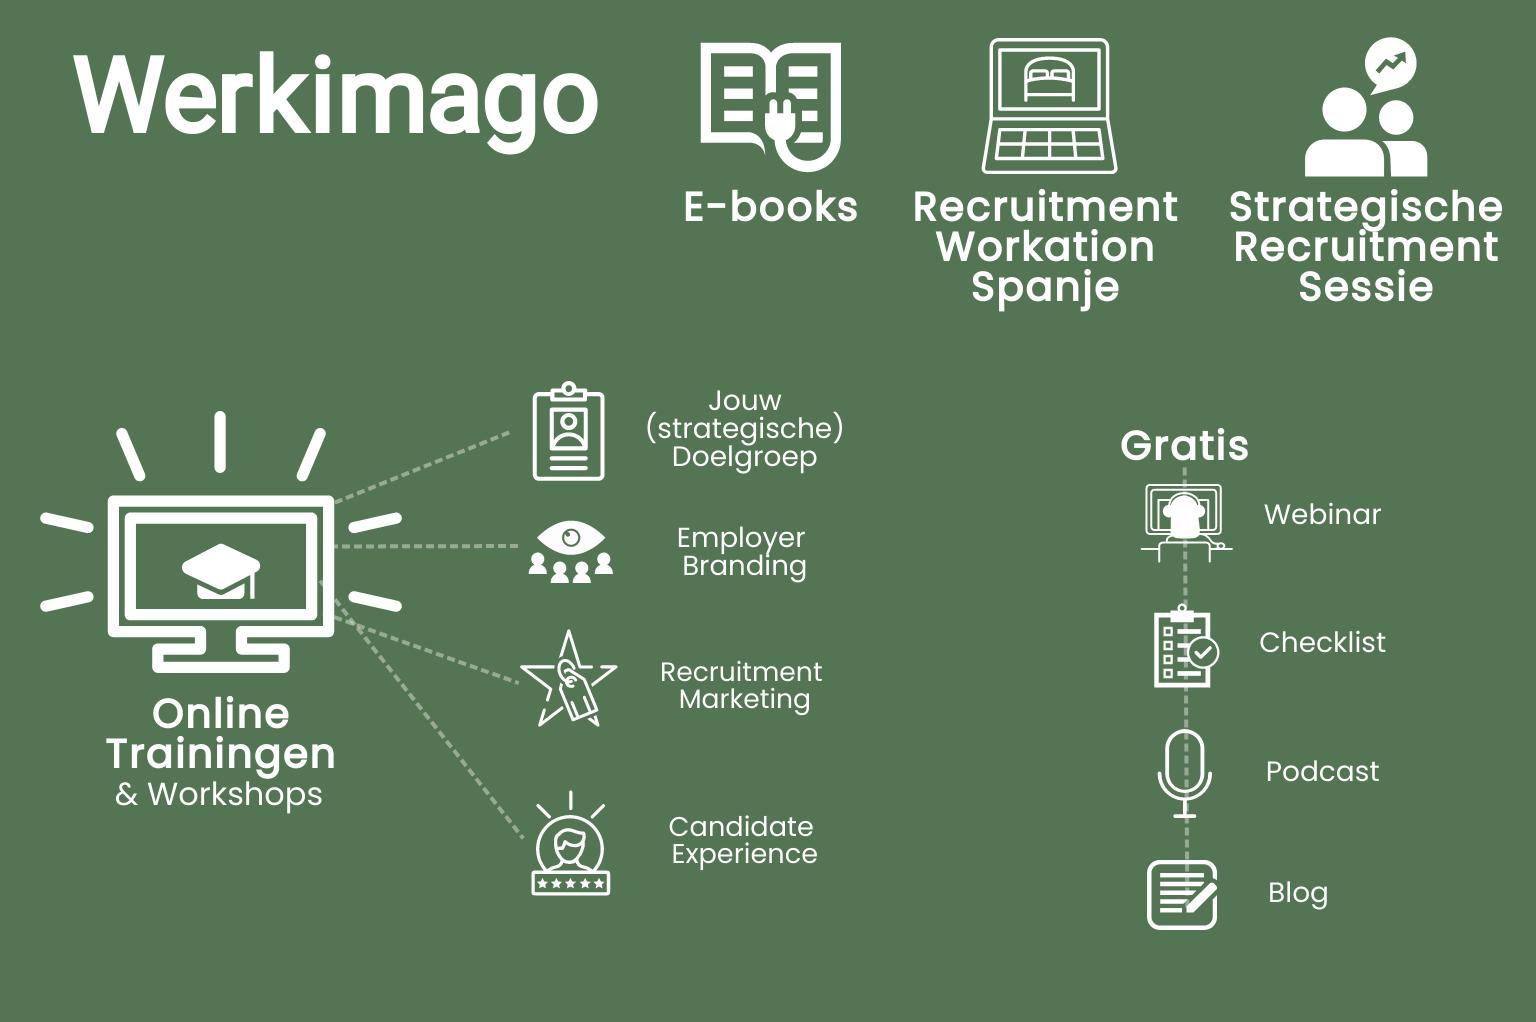 Infographic werkimago 2020